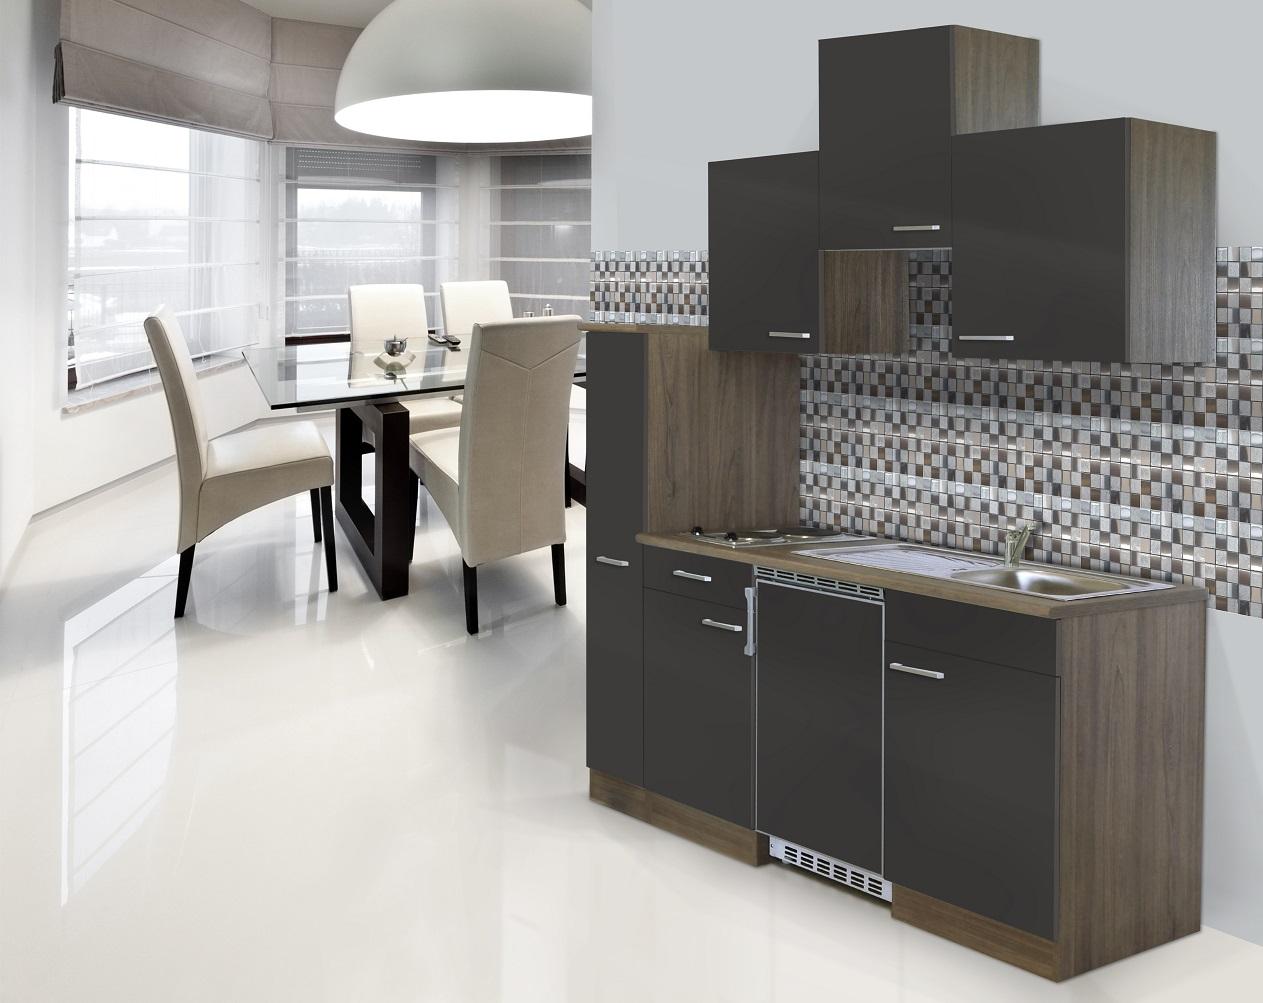 respekta Küche Singleküche Küchenzeile Einbau Küchenblock 180 cm Eiche York grau